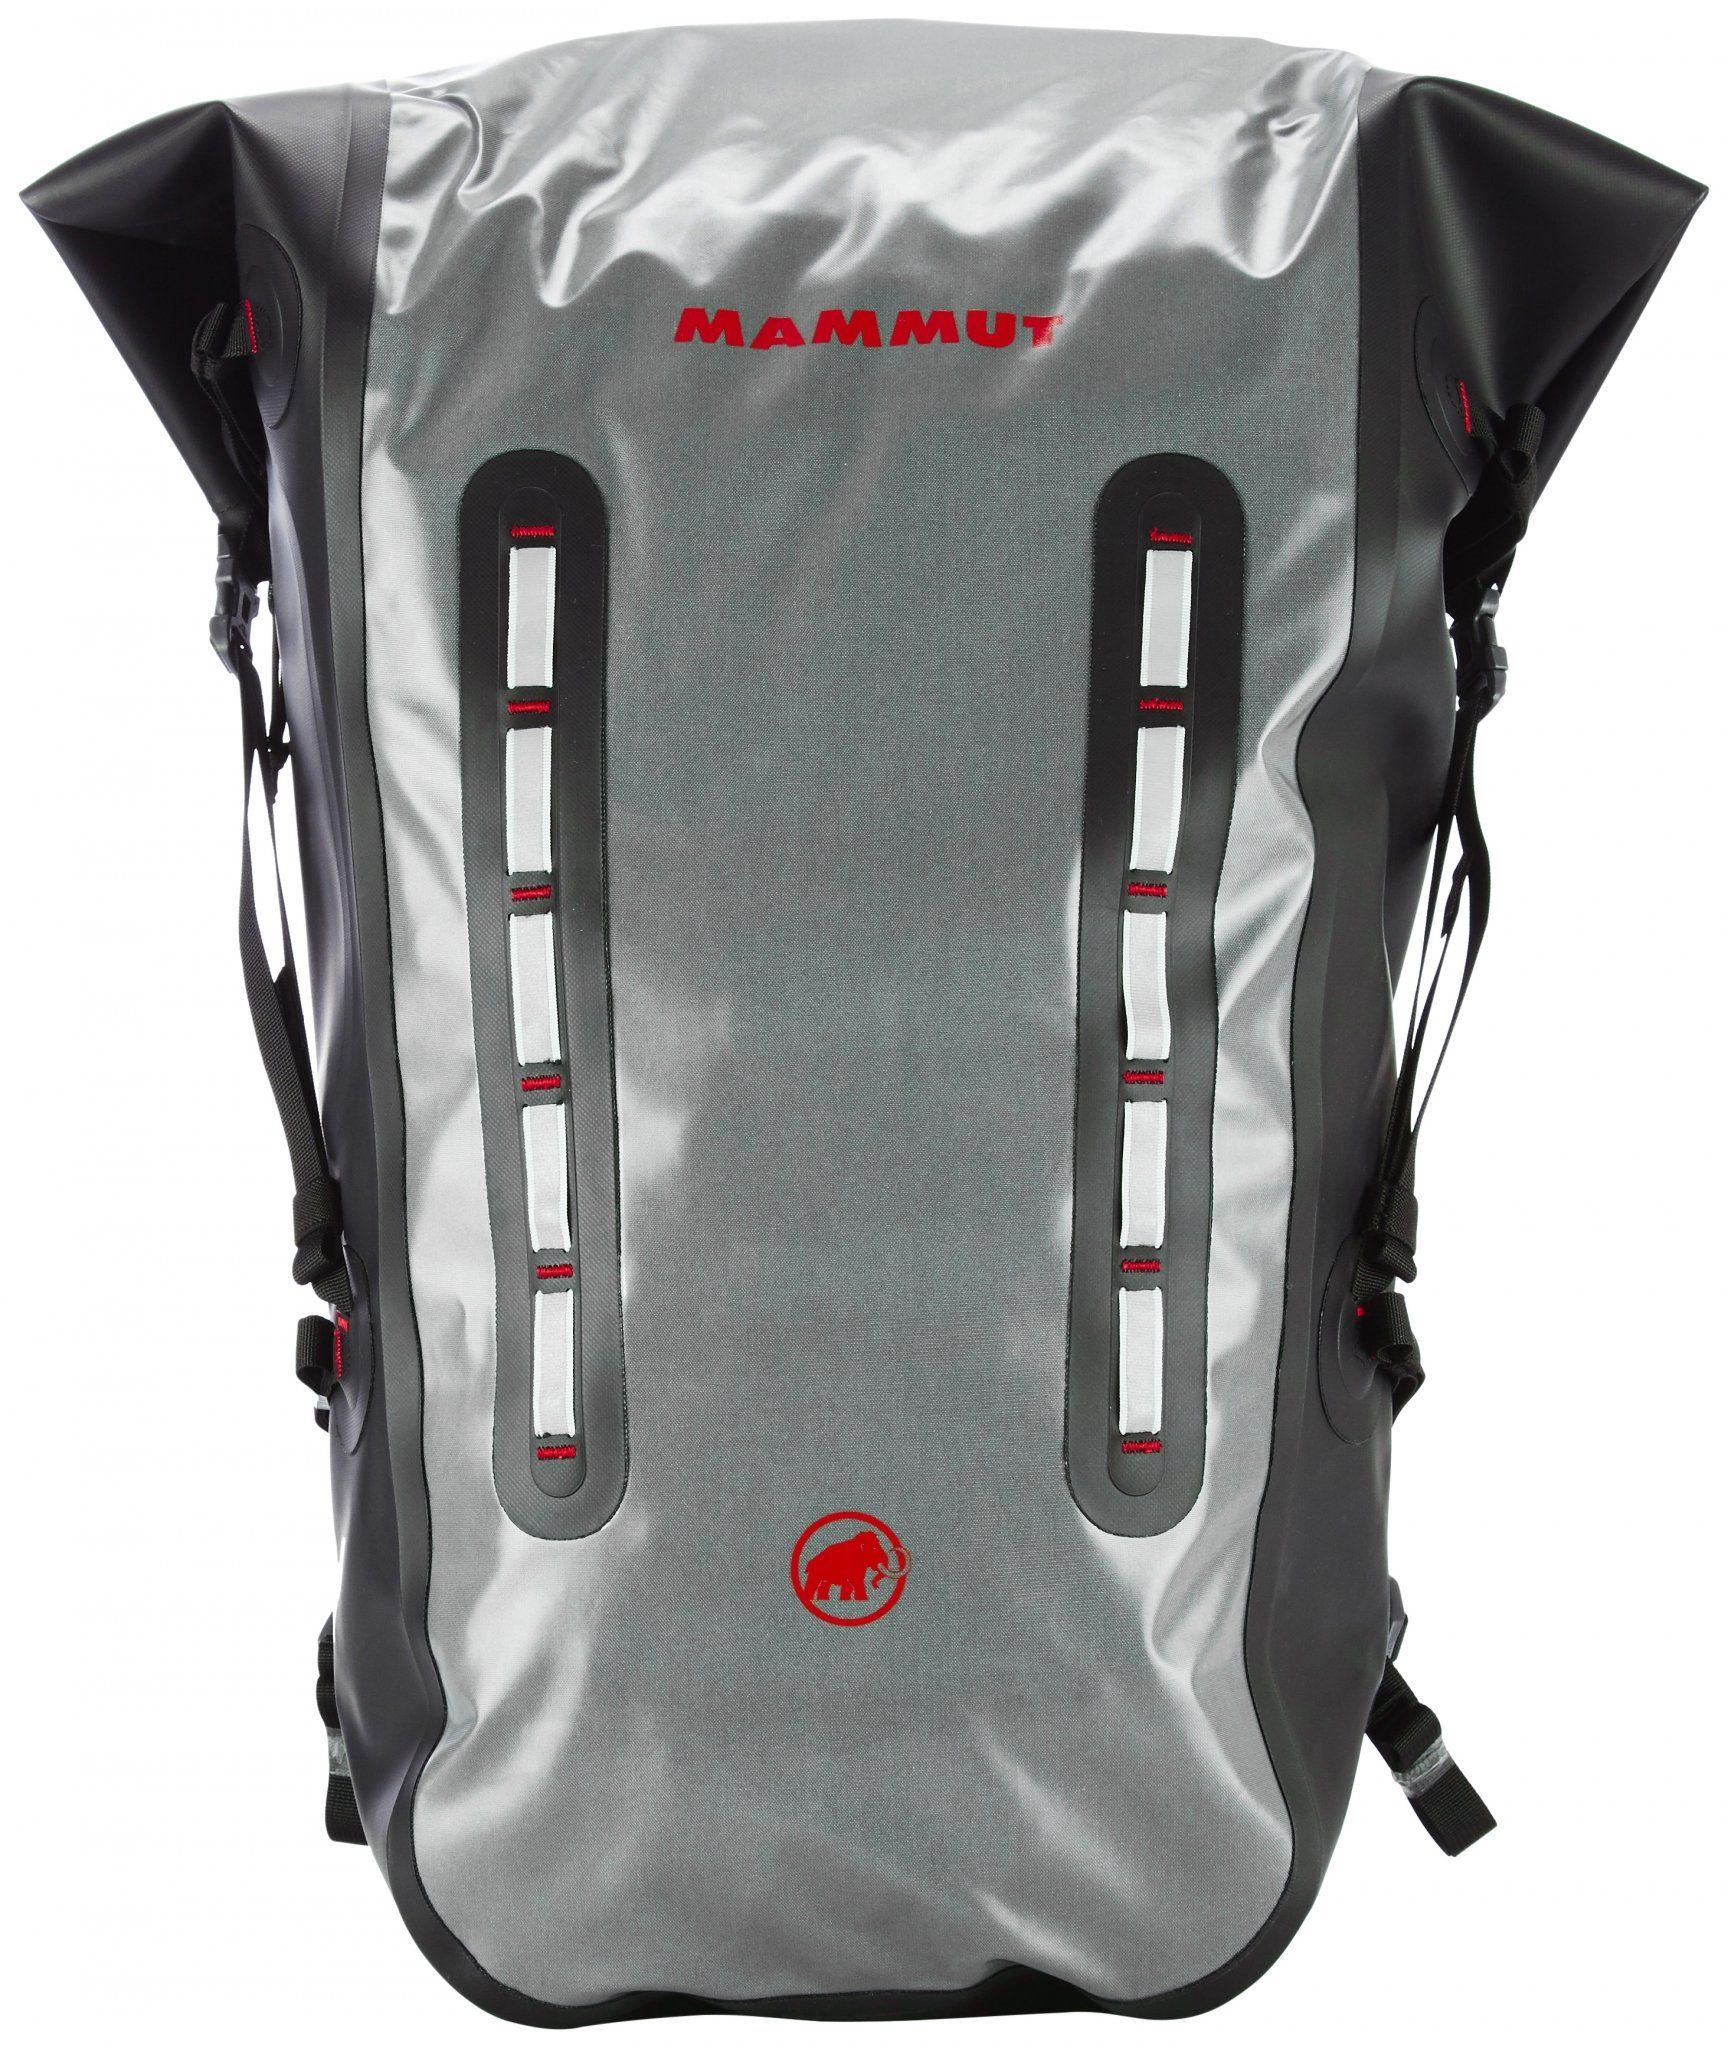 Mammut Sport- und Freizeittasche »Lithium Proof 30 Backpack«